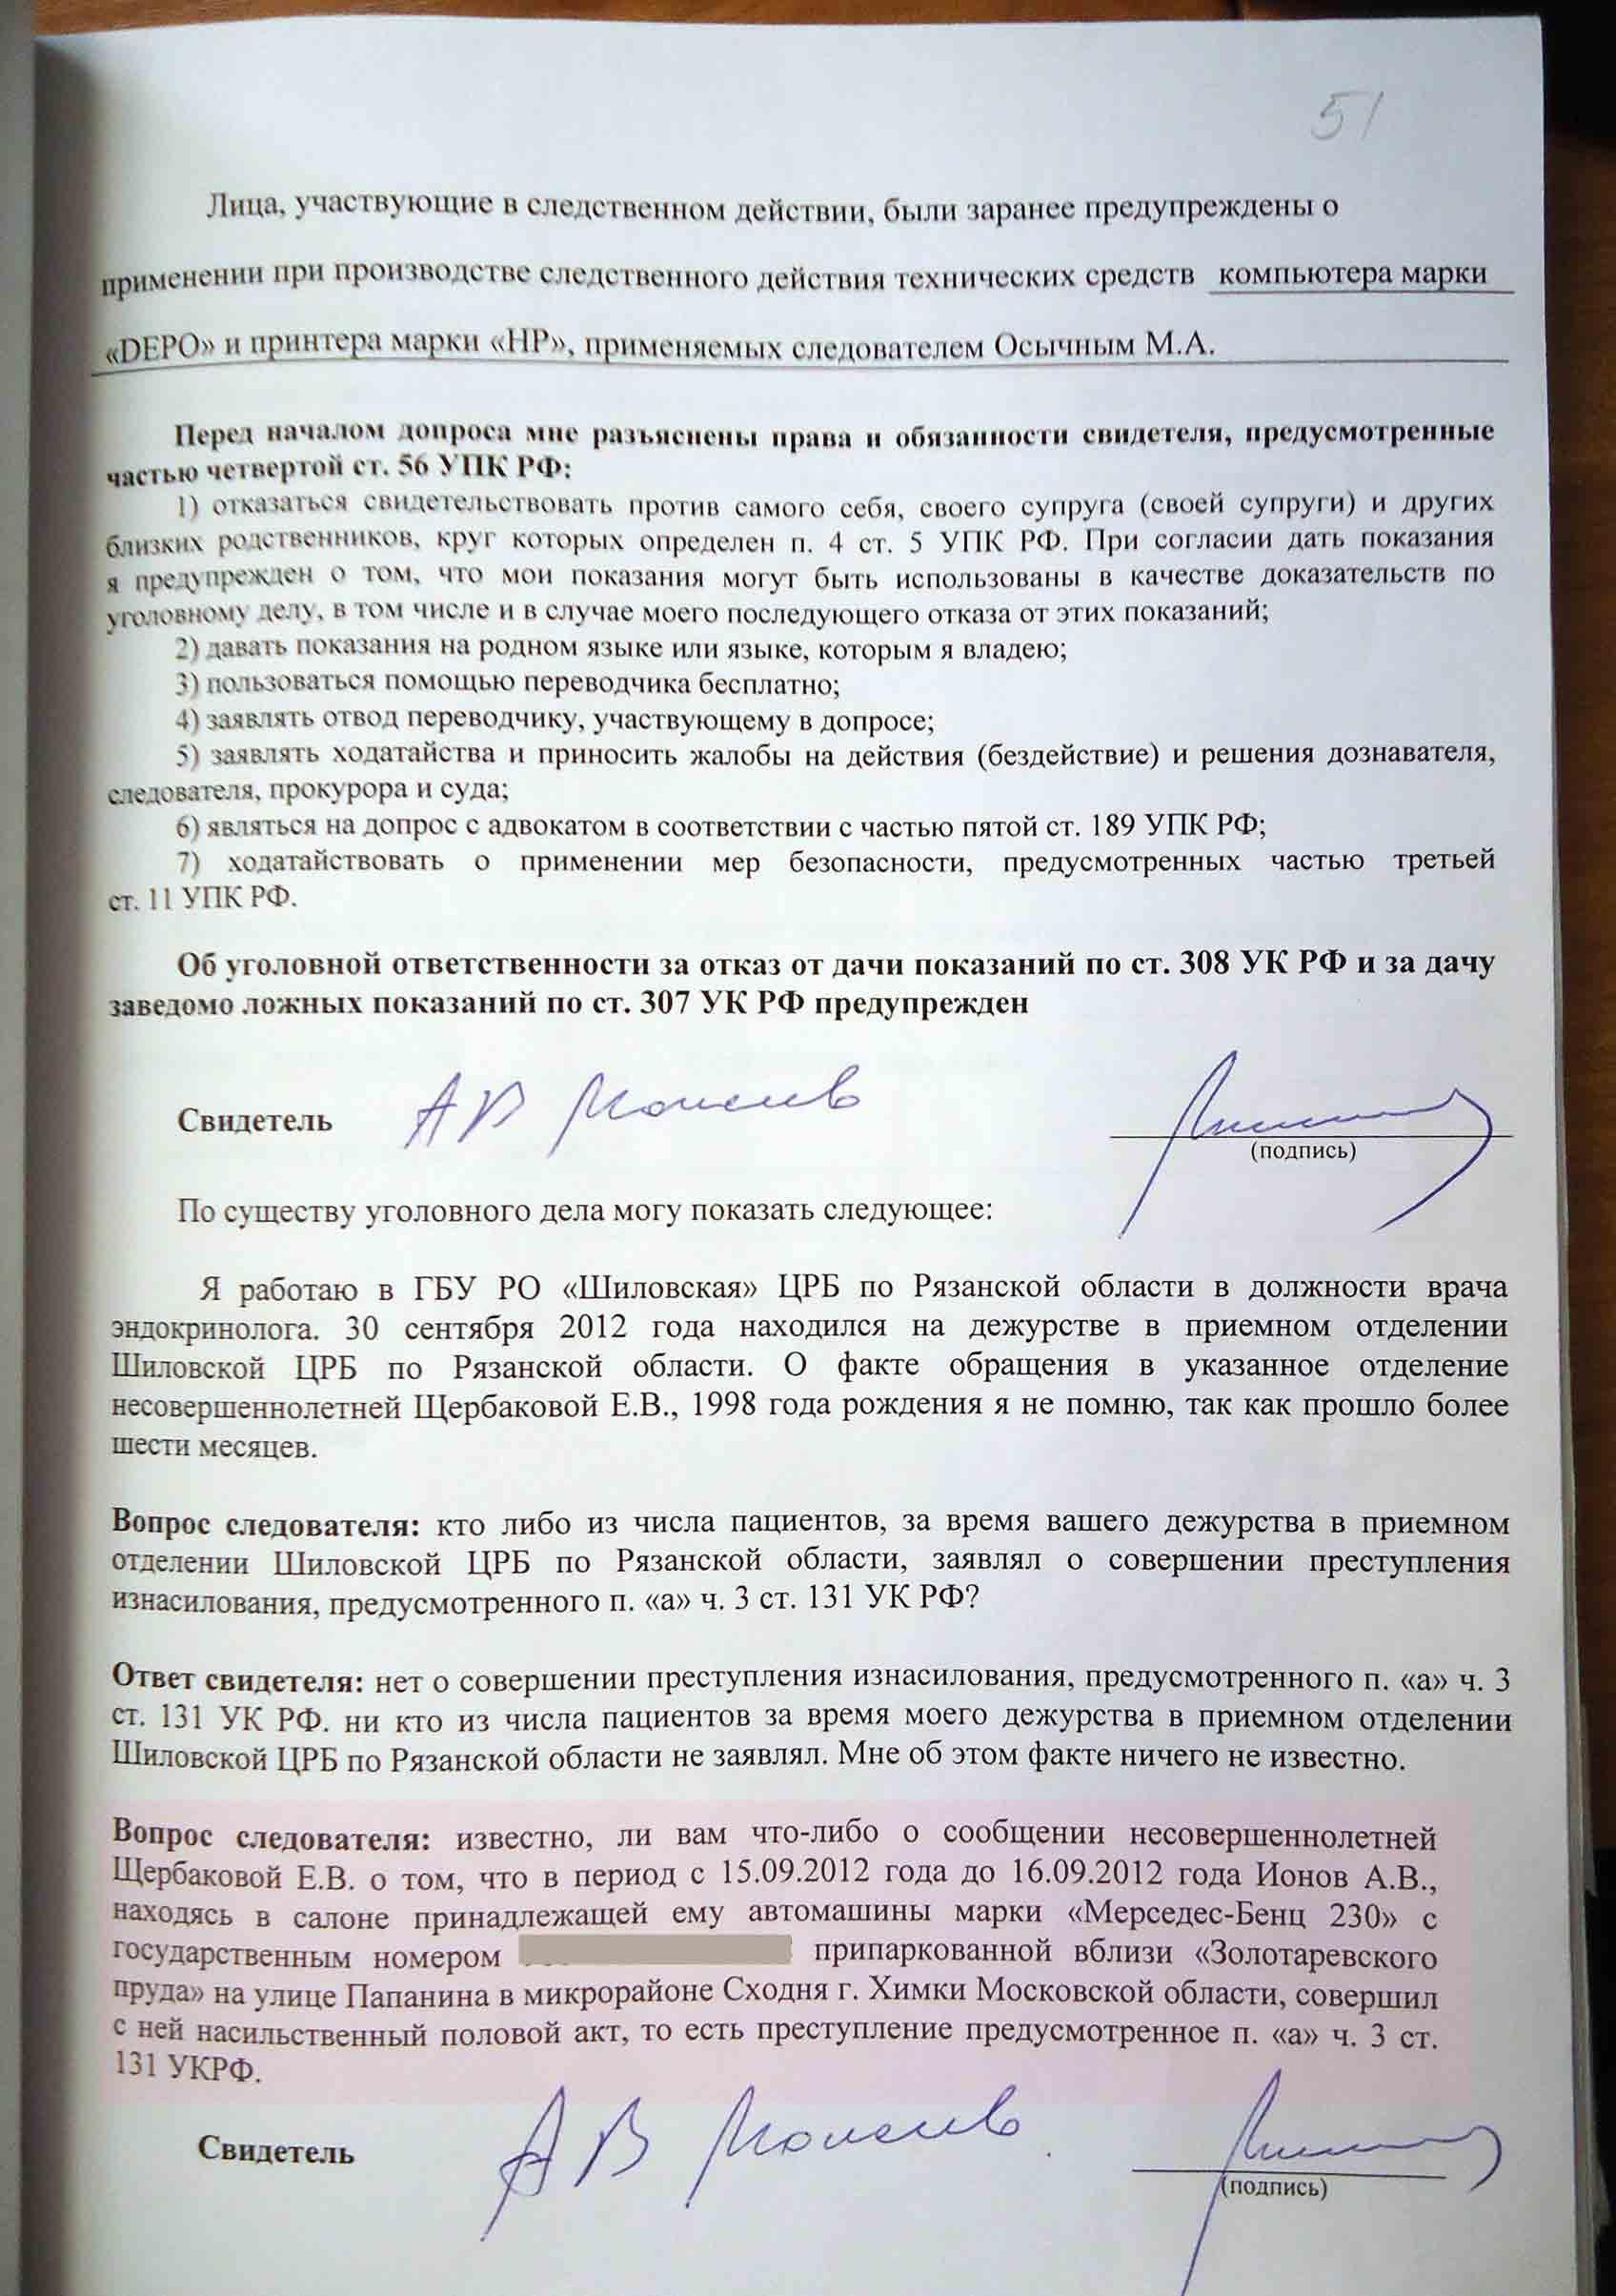 протокол судебного заседания по уголовному делу образец 2013